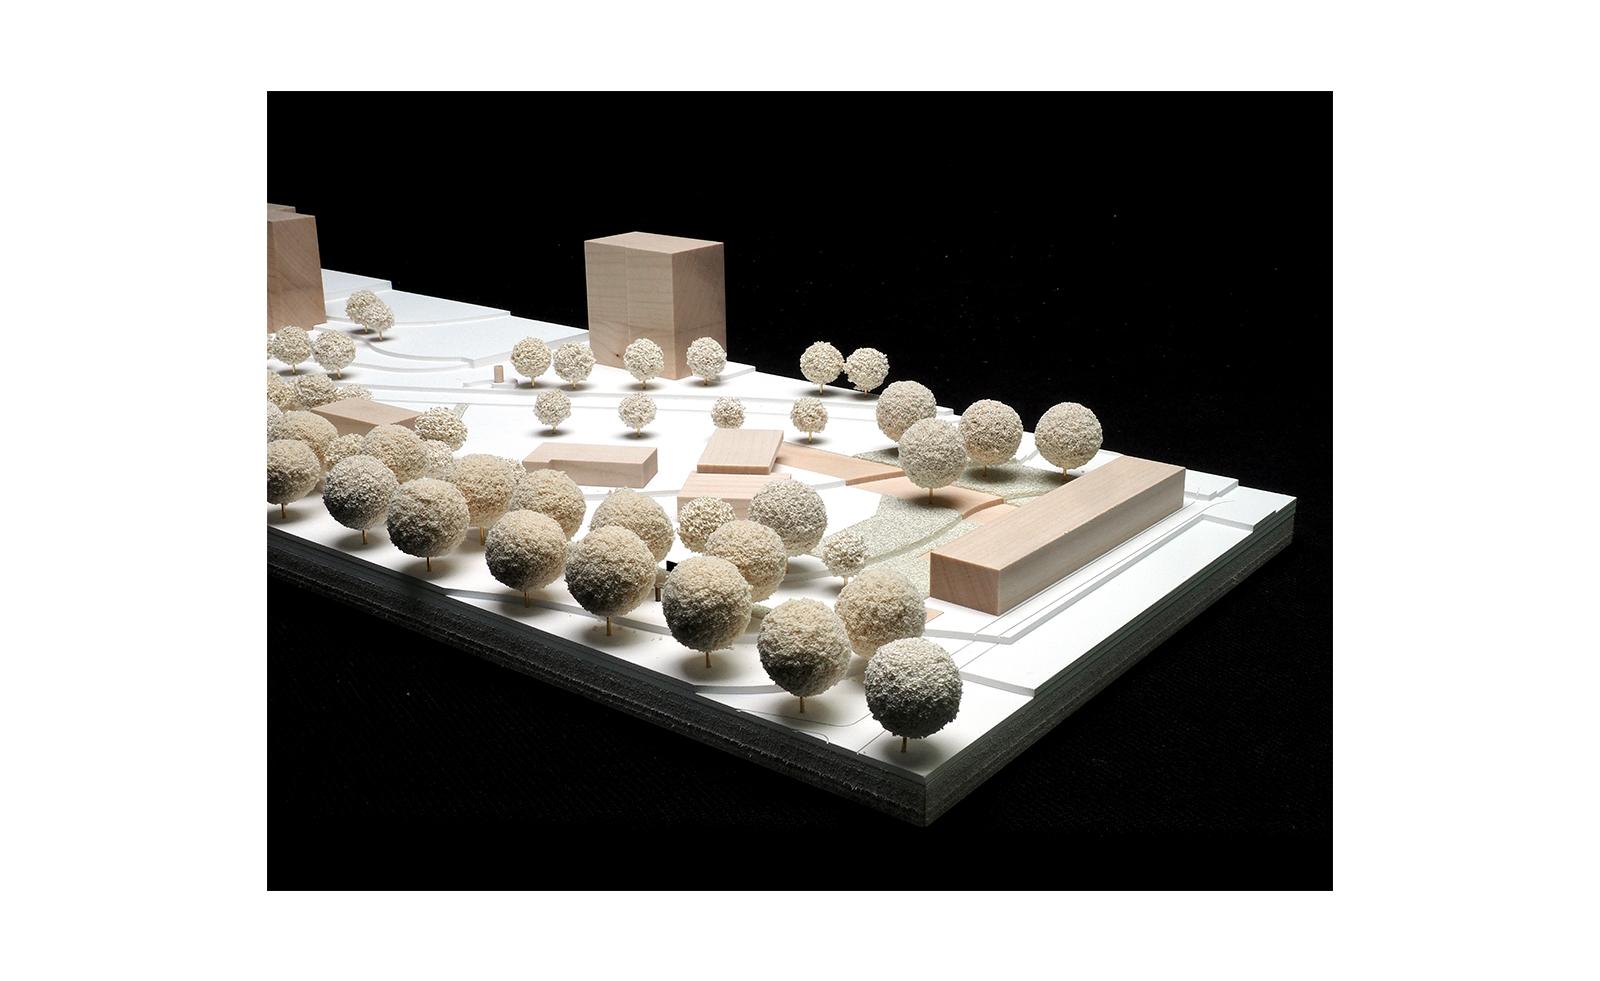 wettbewerb-aussenanlage-landschaftarchitekturbuero-modell1-albert-armbruster